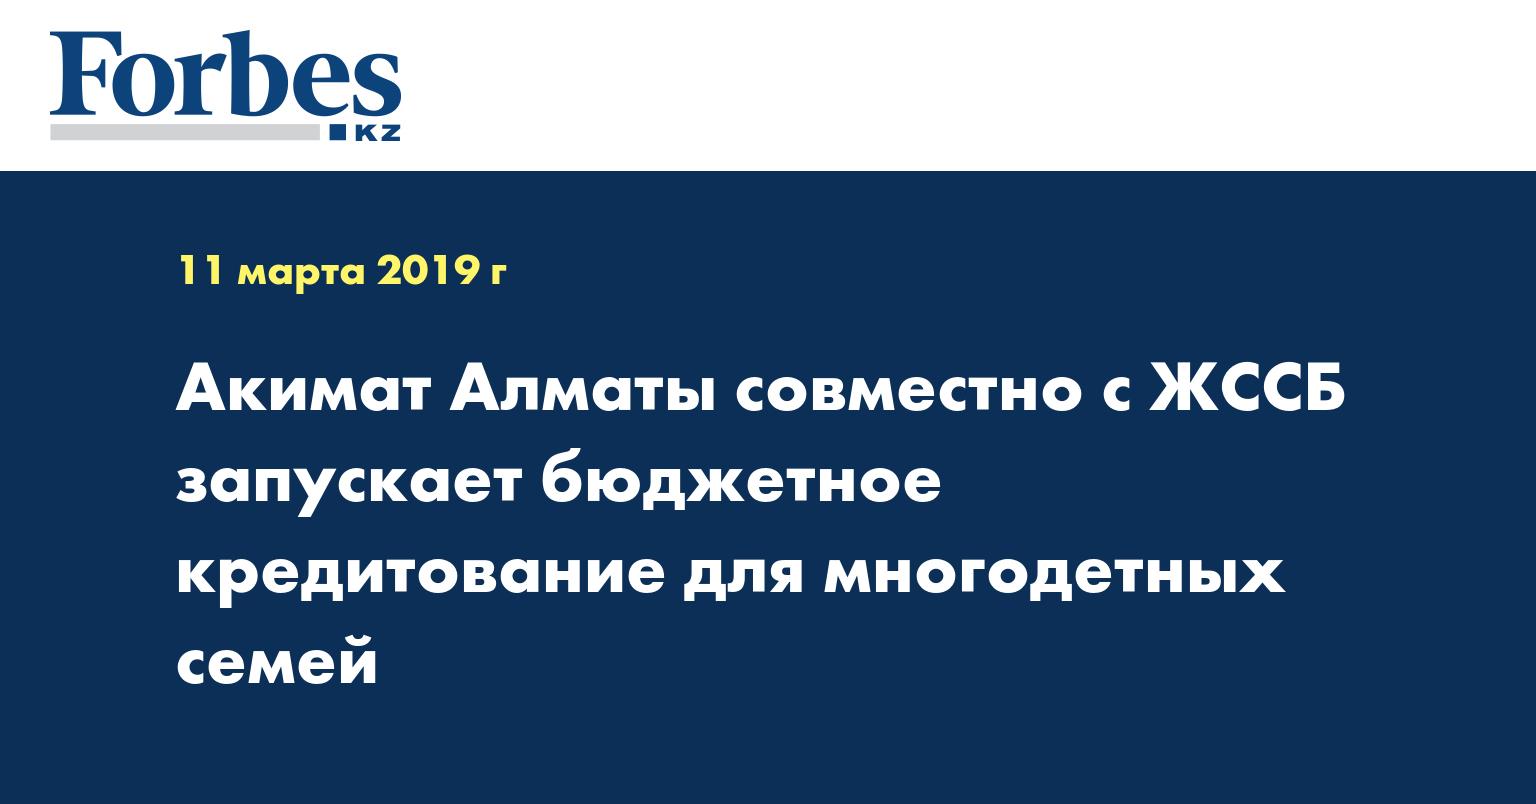 Акимат Алматы совместно с ЖССБ запускает бюджетное кредитование для многодетных семей